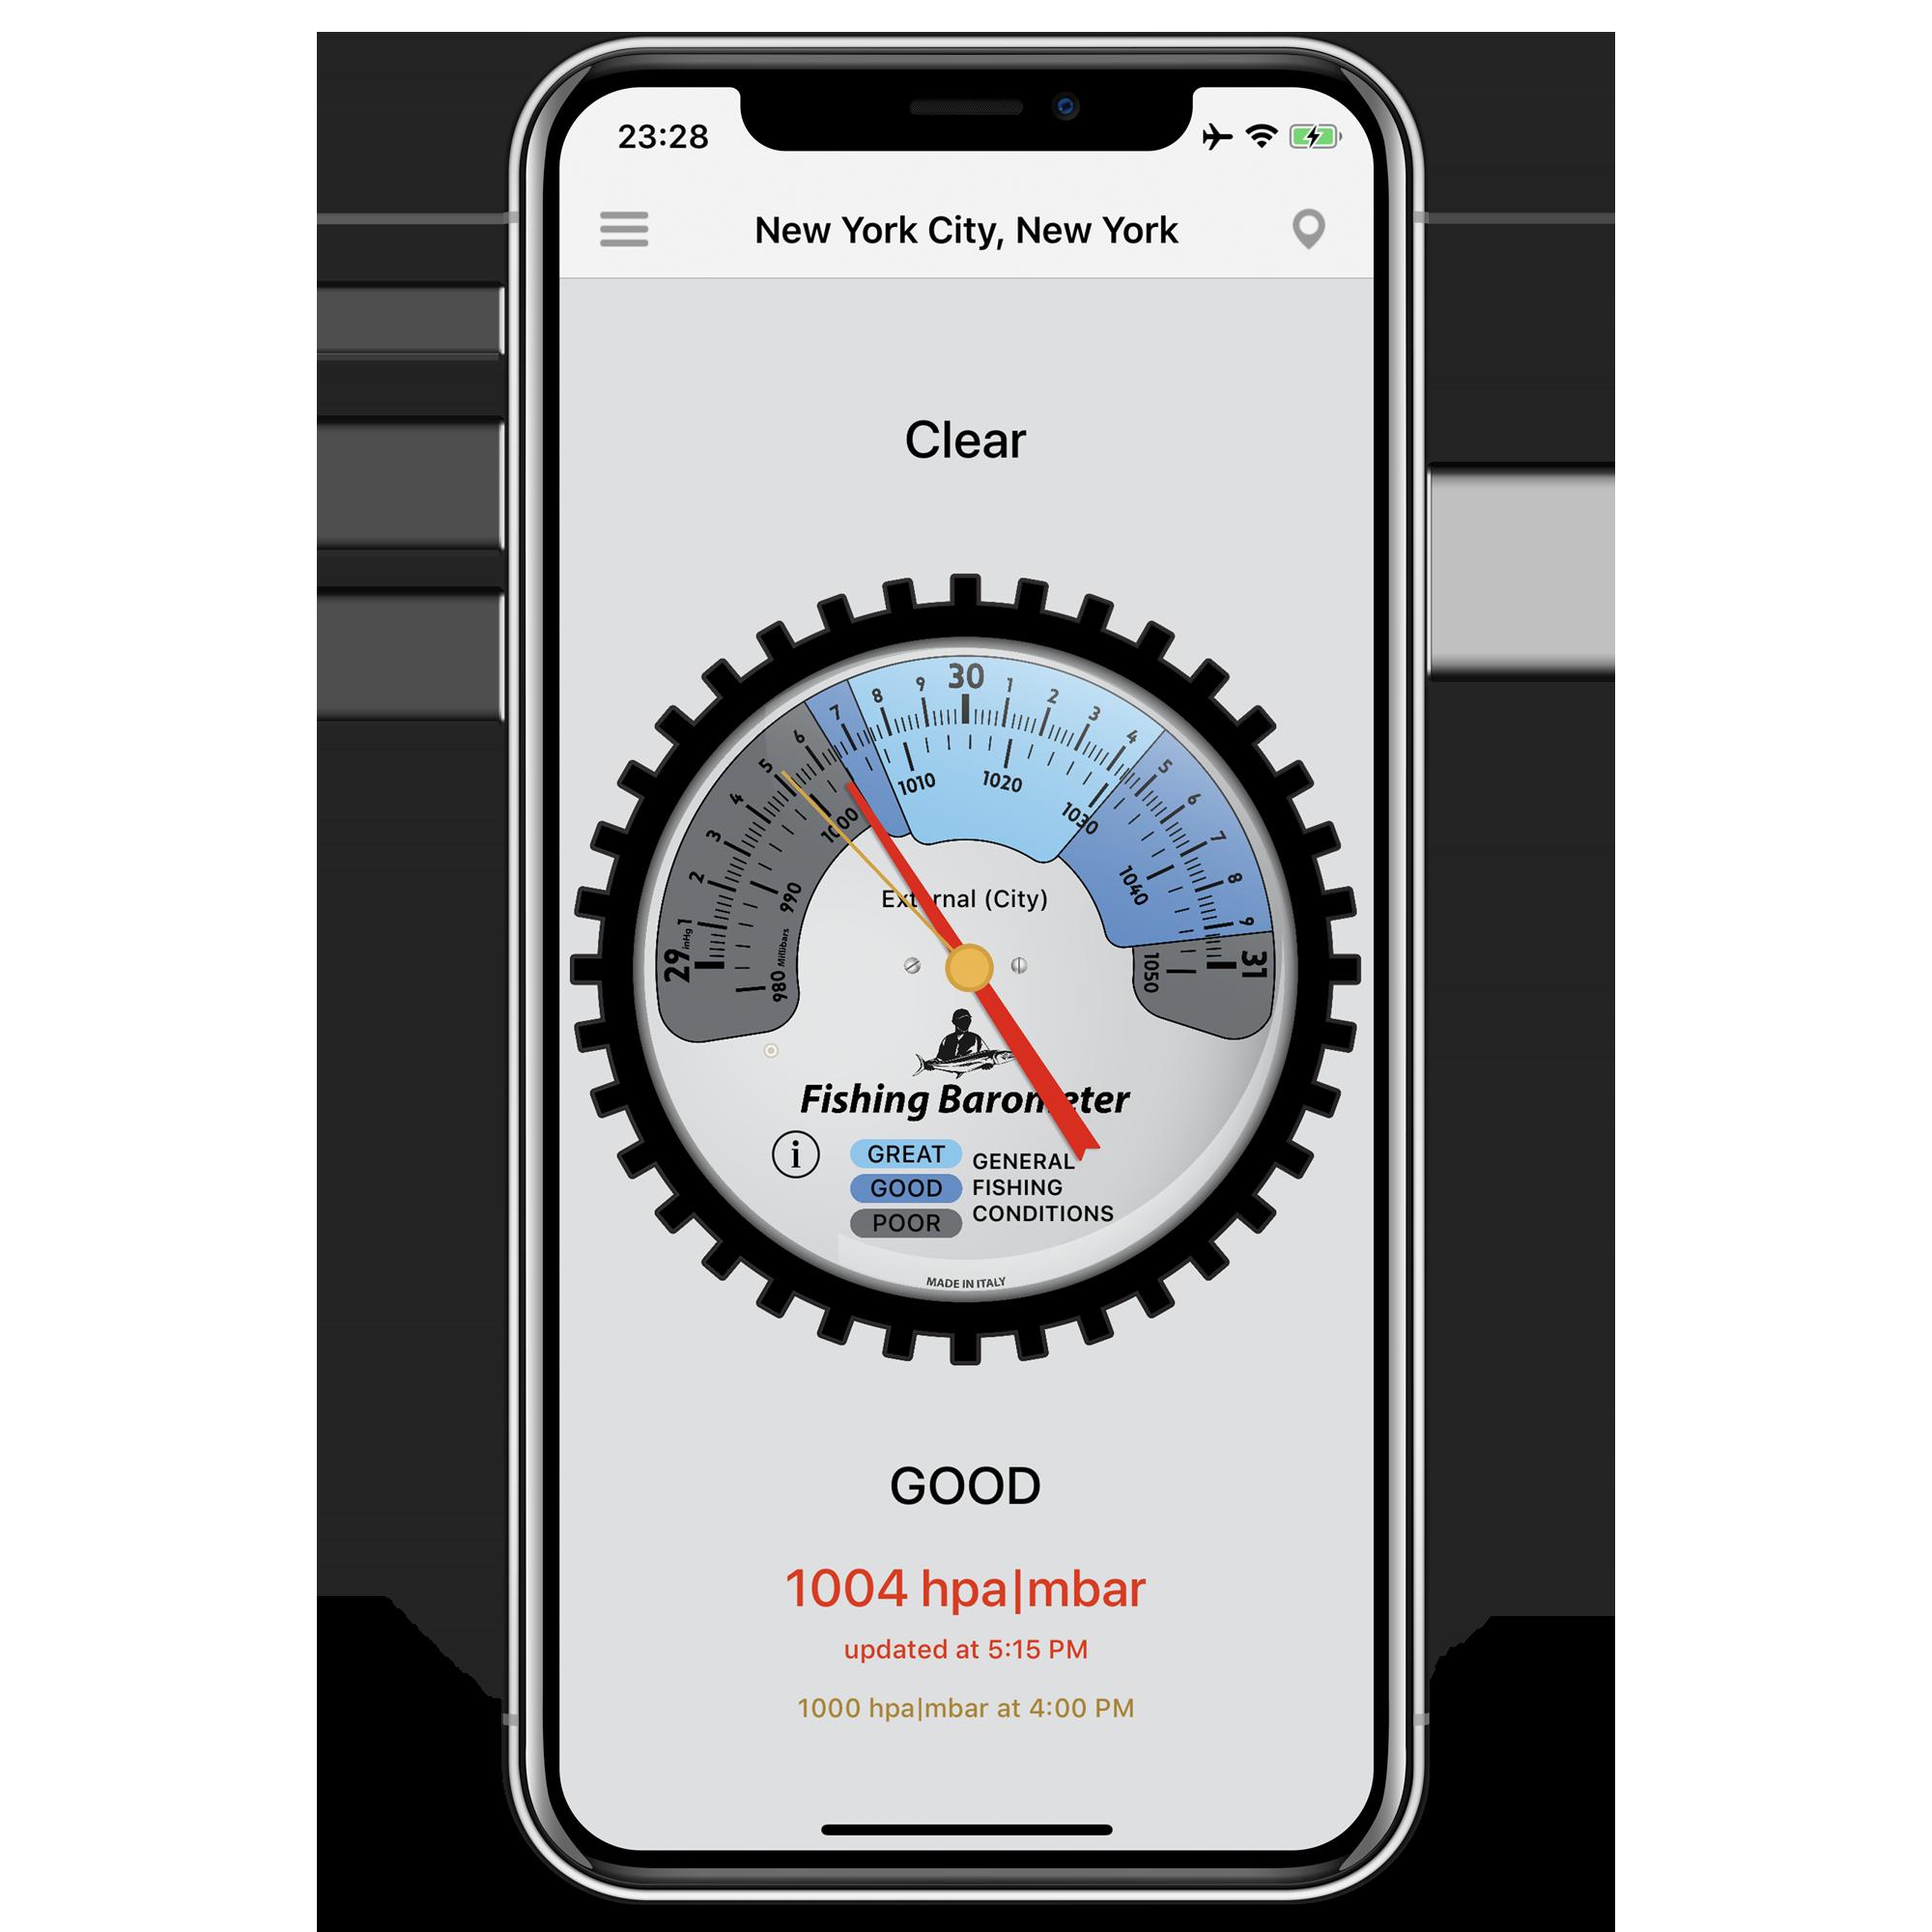 LionsApp - iPhone - Fishing Barometer